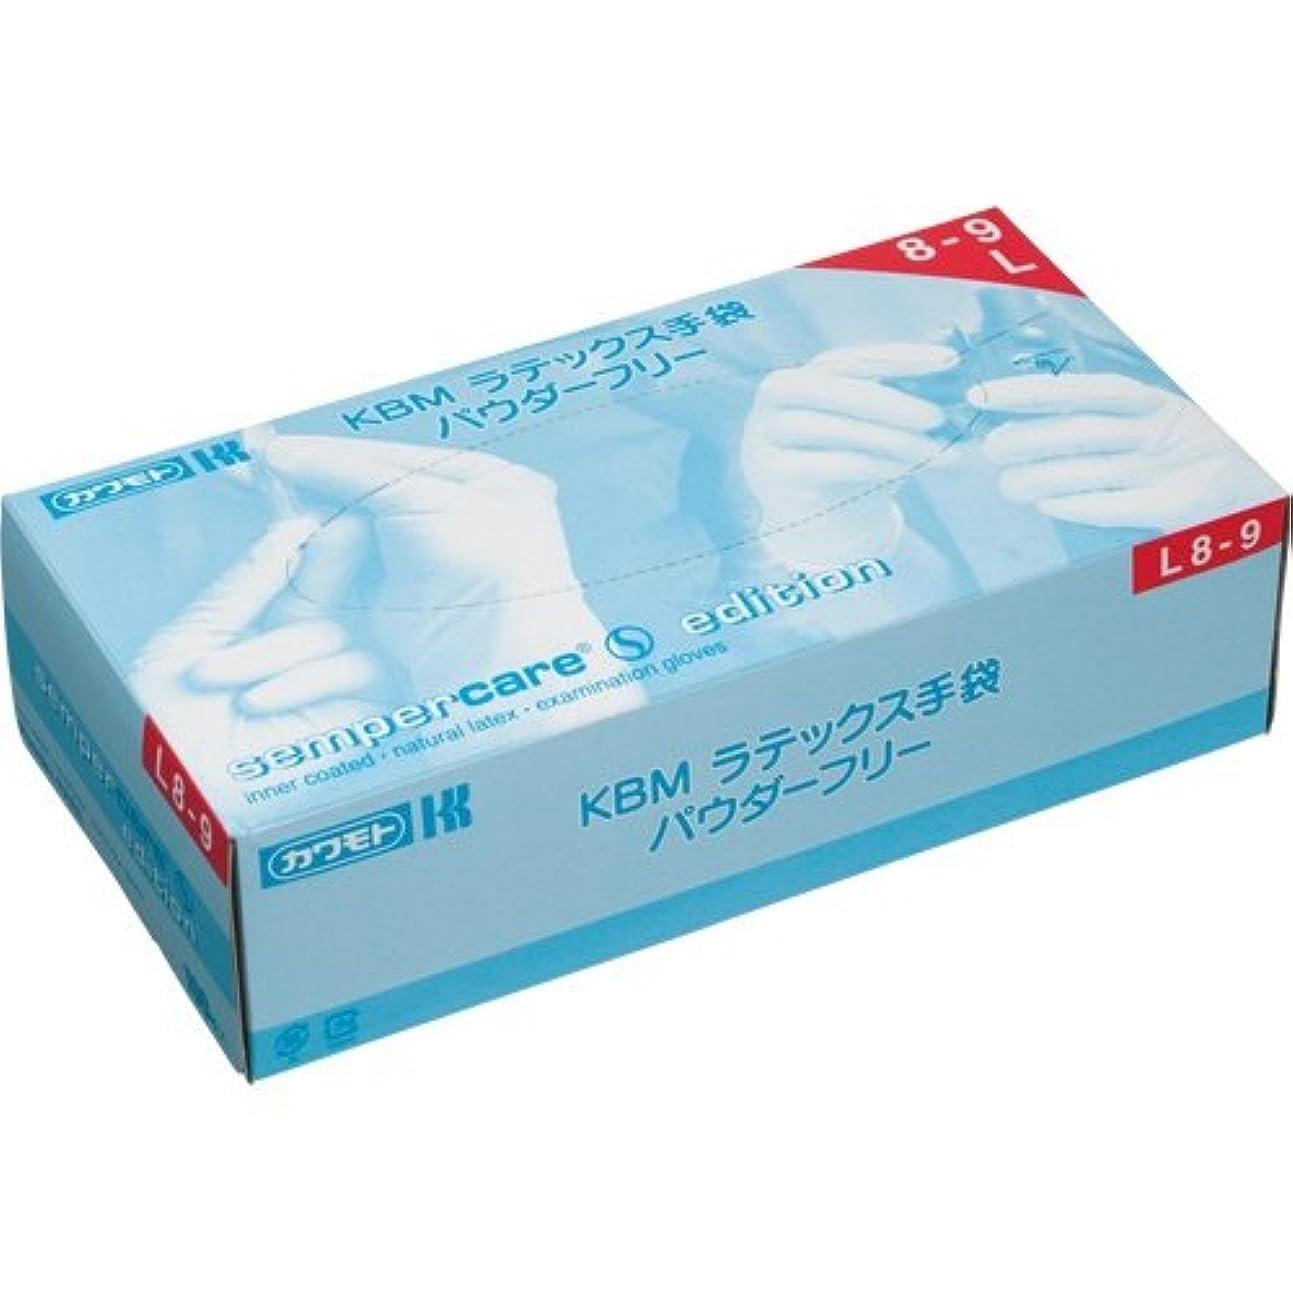 ゆるく抑制する上院カワモト KBM ラテックス手袋 パウダーフリー L 1セット(300枚:100枚×3箱)